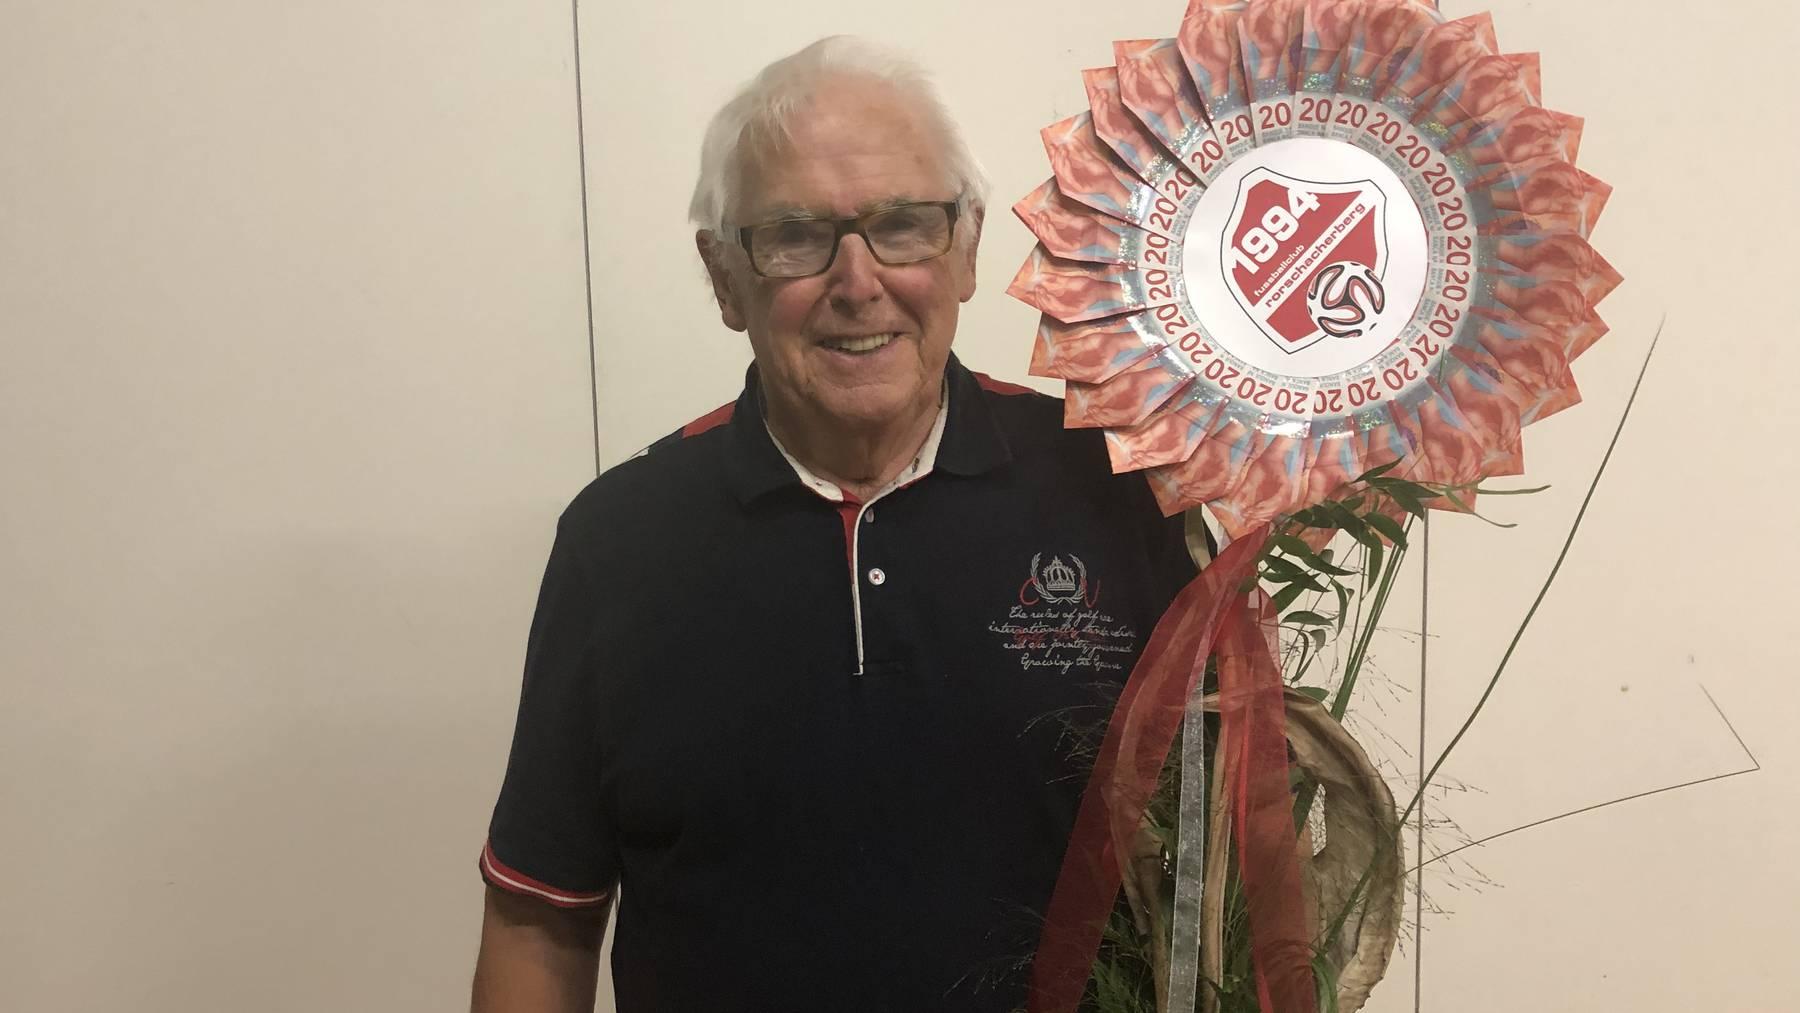 Sein Abschiedsgeschenk spendet Bruno Hess an den Verein Namaskaar - und verdoppelt den Betrag.